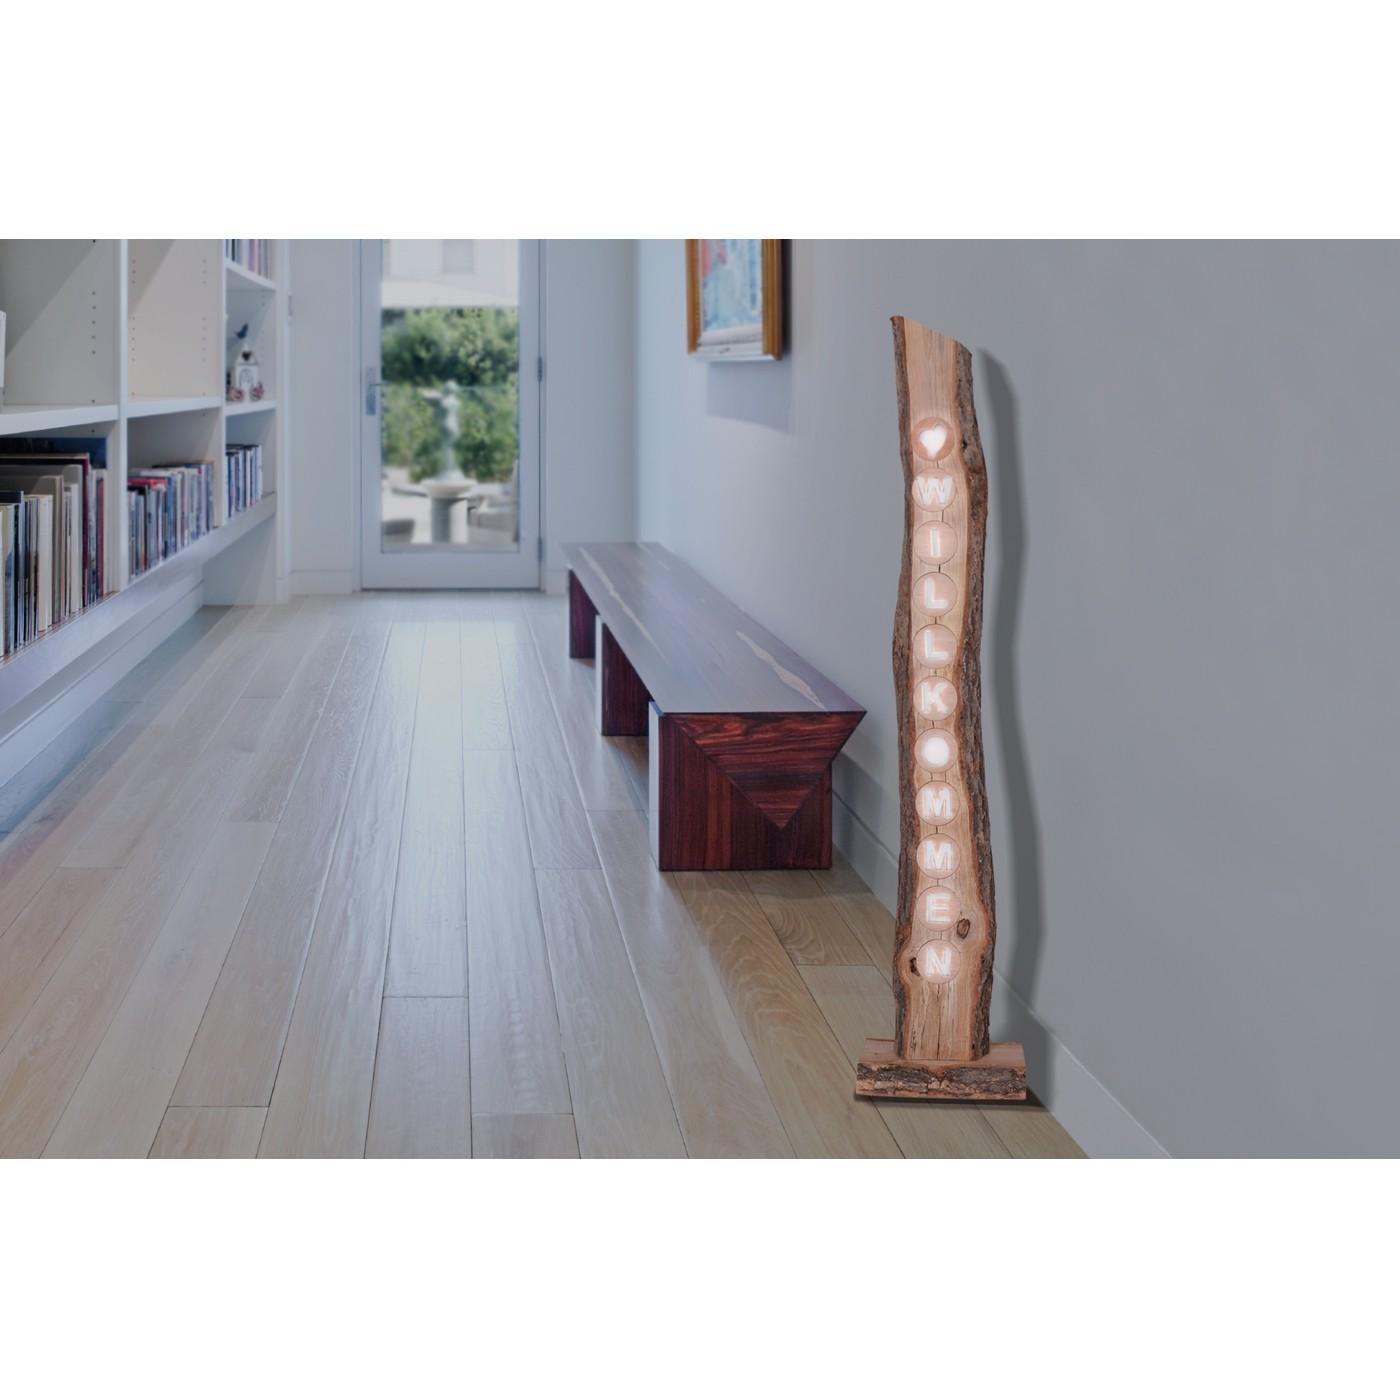 home24 LED-Dekoleuchte Willkommen | Lampen > Dekolampen | Braun | Massivholz | Naeve